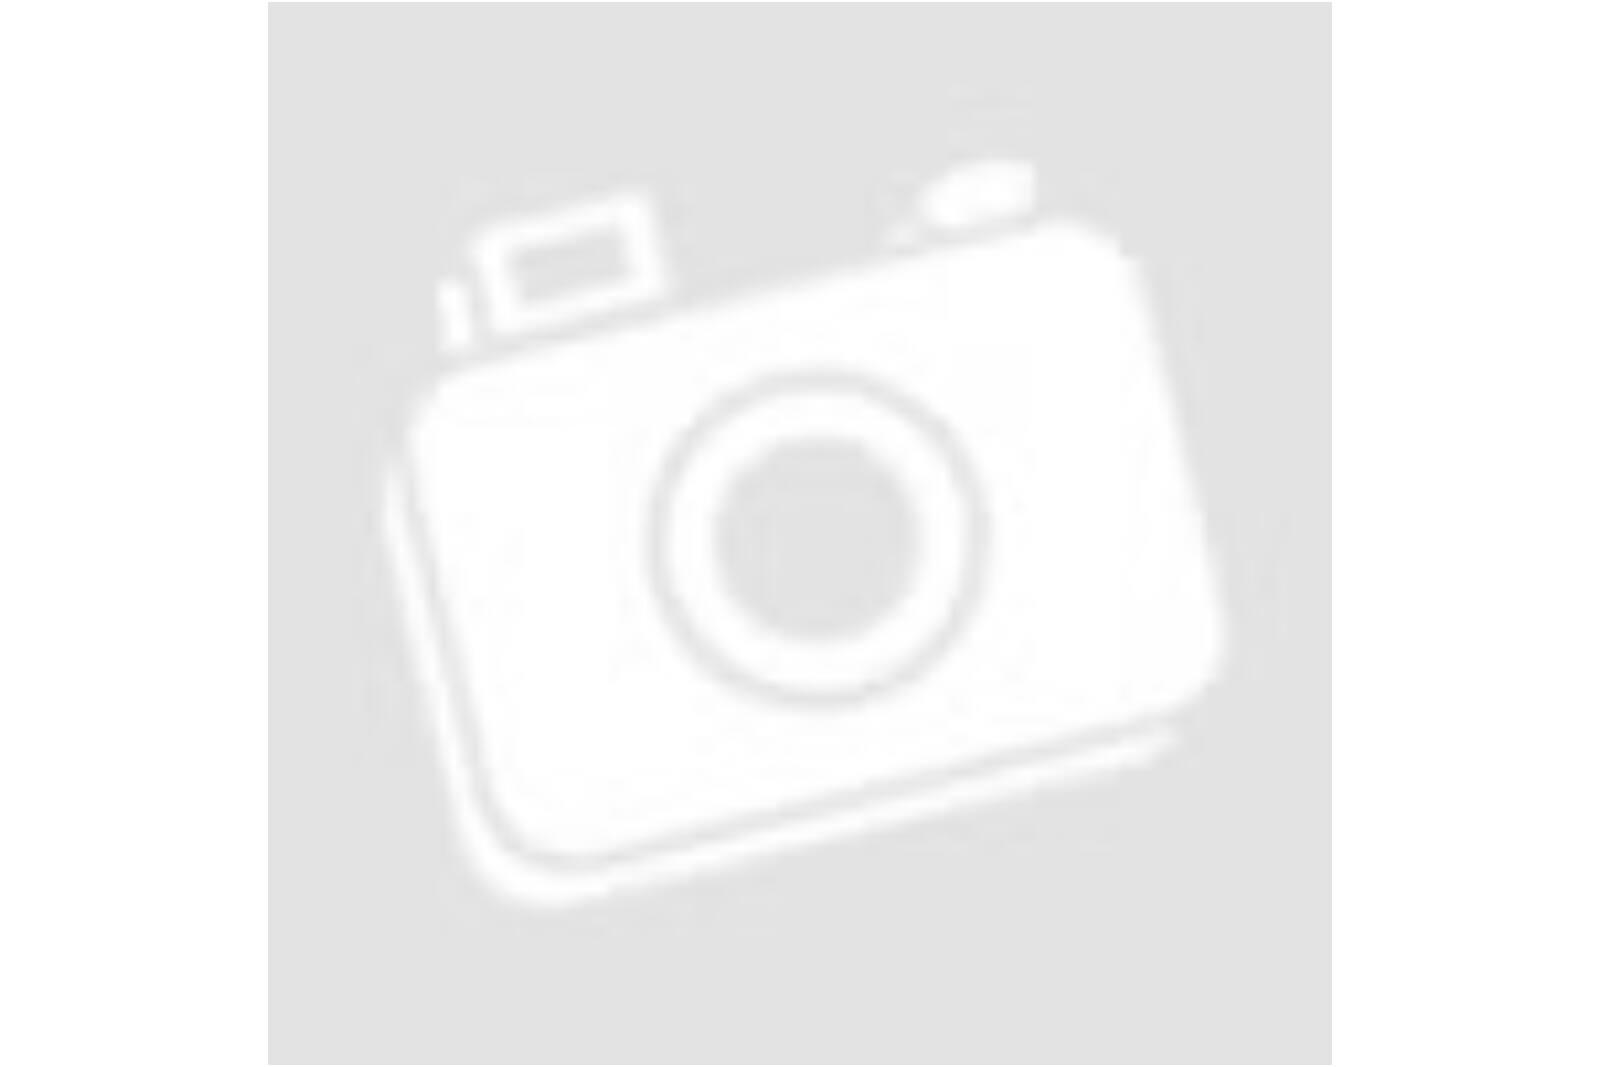 Ralph Lauren ezüst női szoknya - Női szoknyák 92f12e52c6